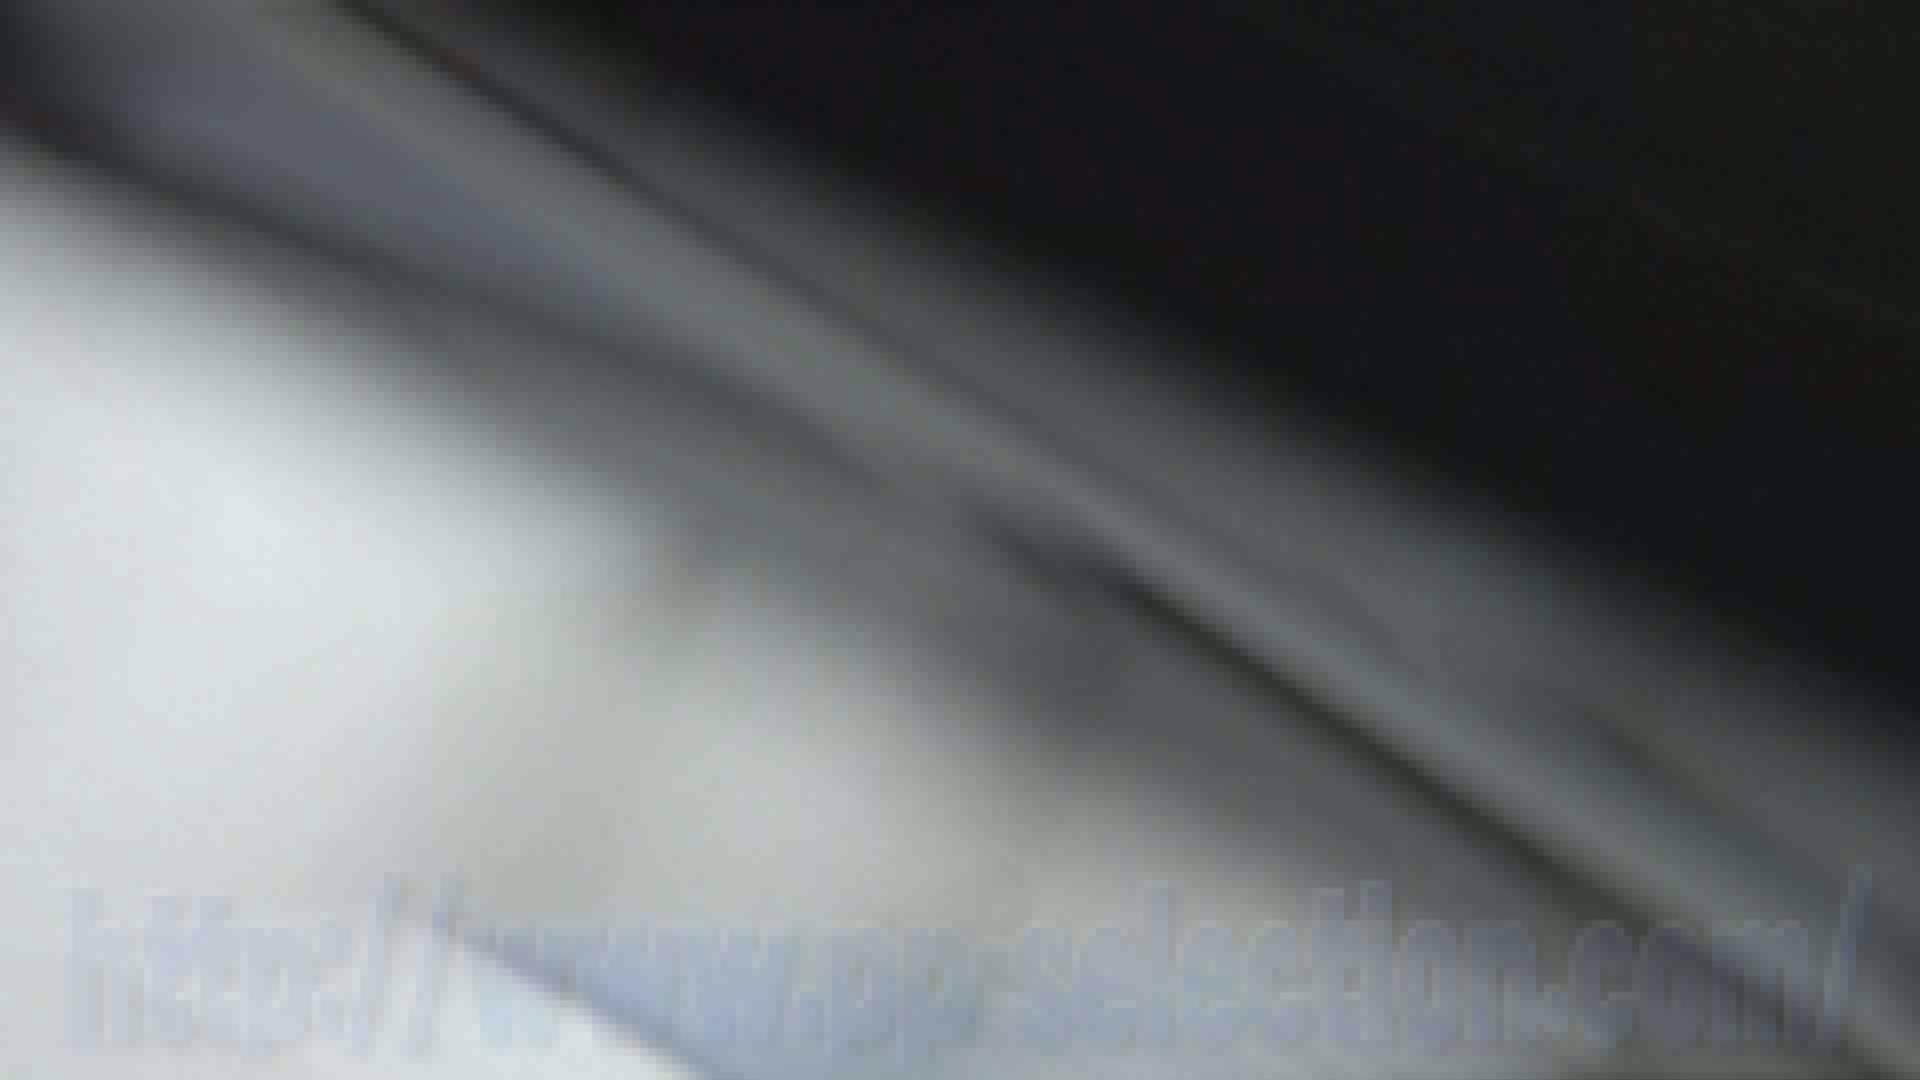 なんだこれVol.12 美魔女登場、 HD万歳!! 違いが判る映像美!! 美しいOLの裸体 | 潜入突撃  94pic 67